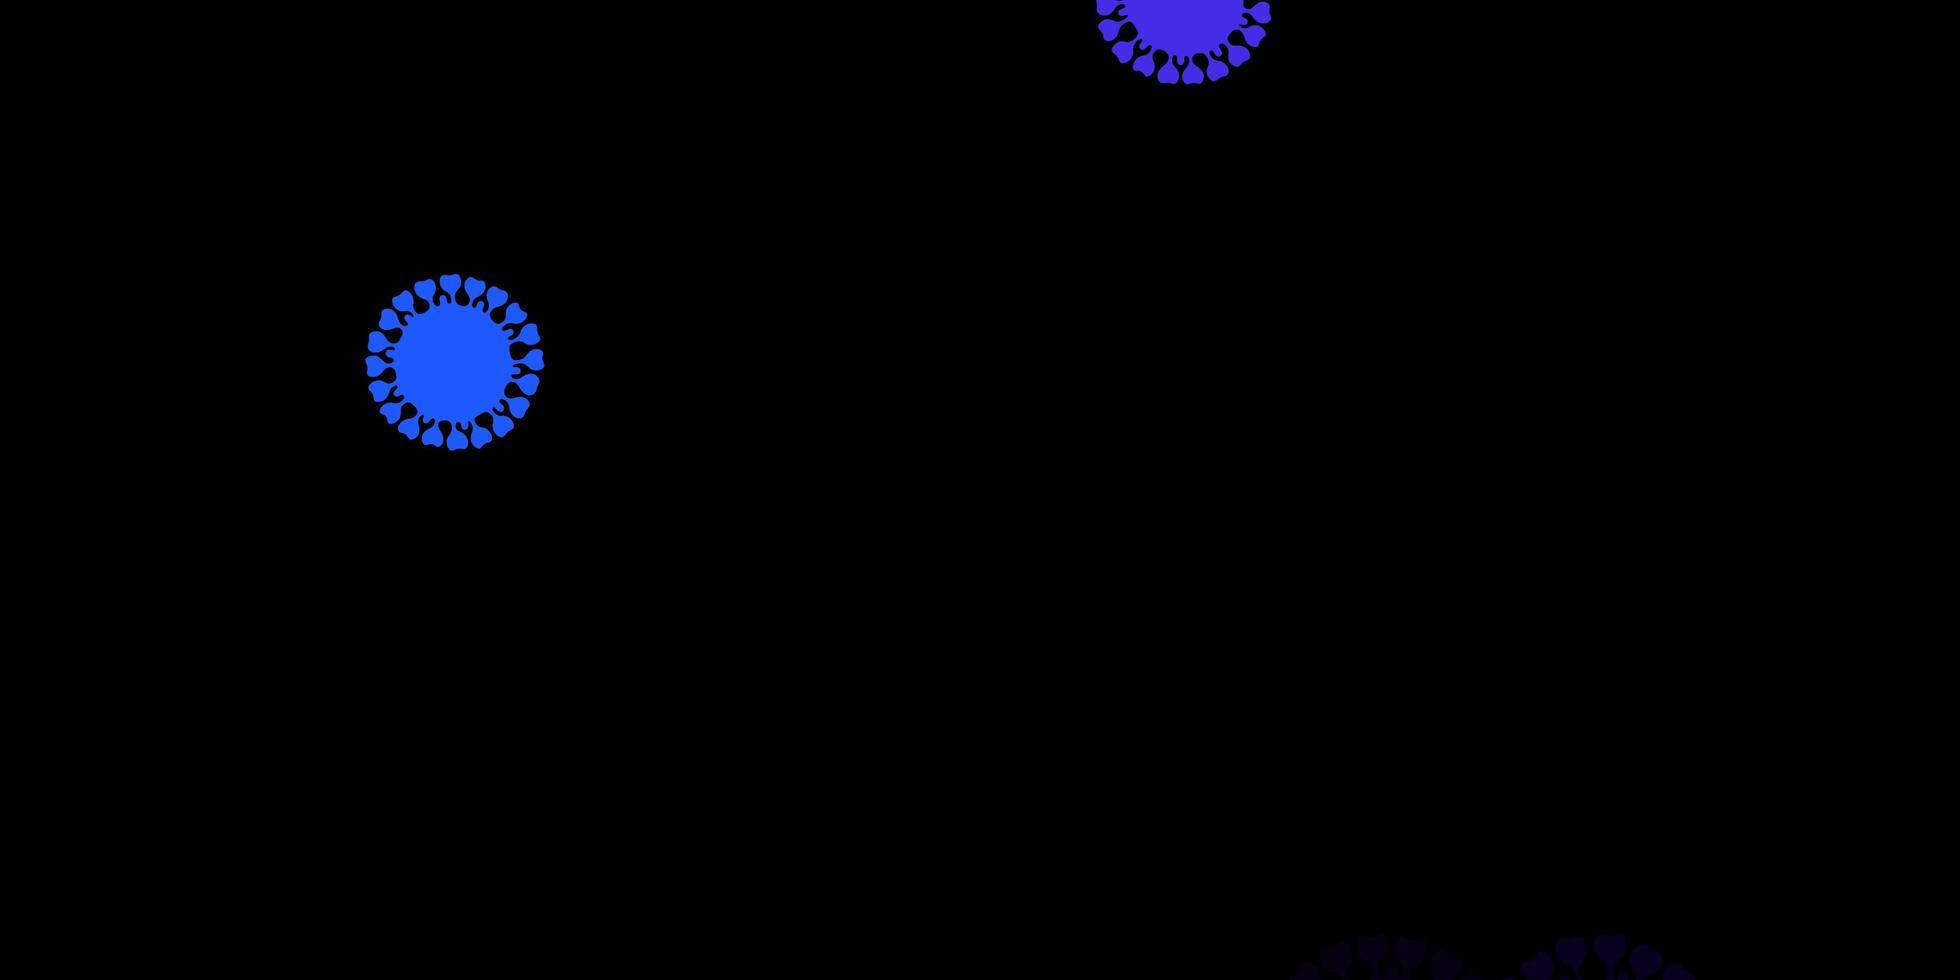 modelo de vetor rosa escuro, azul com sinais de gripe.